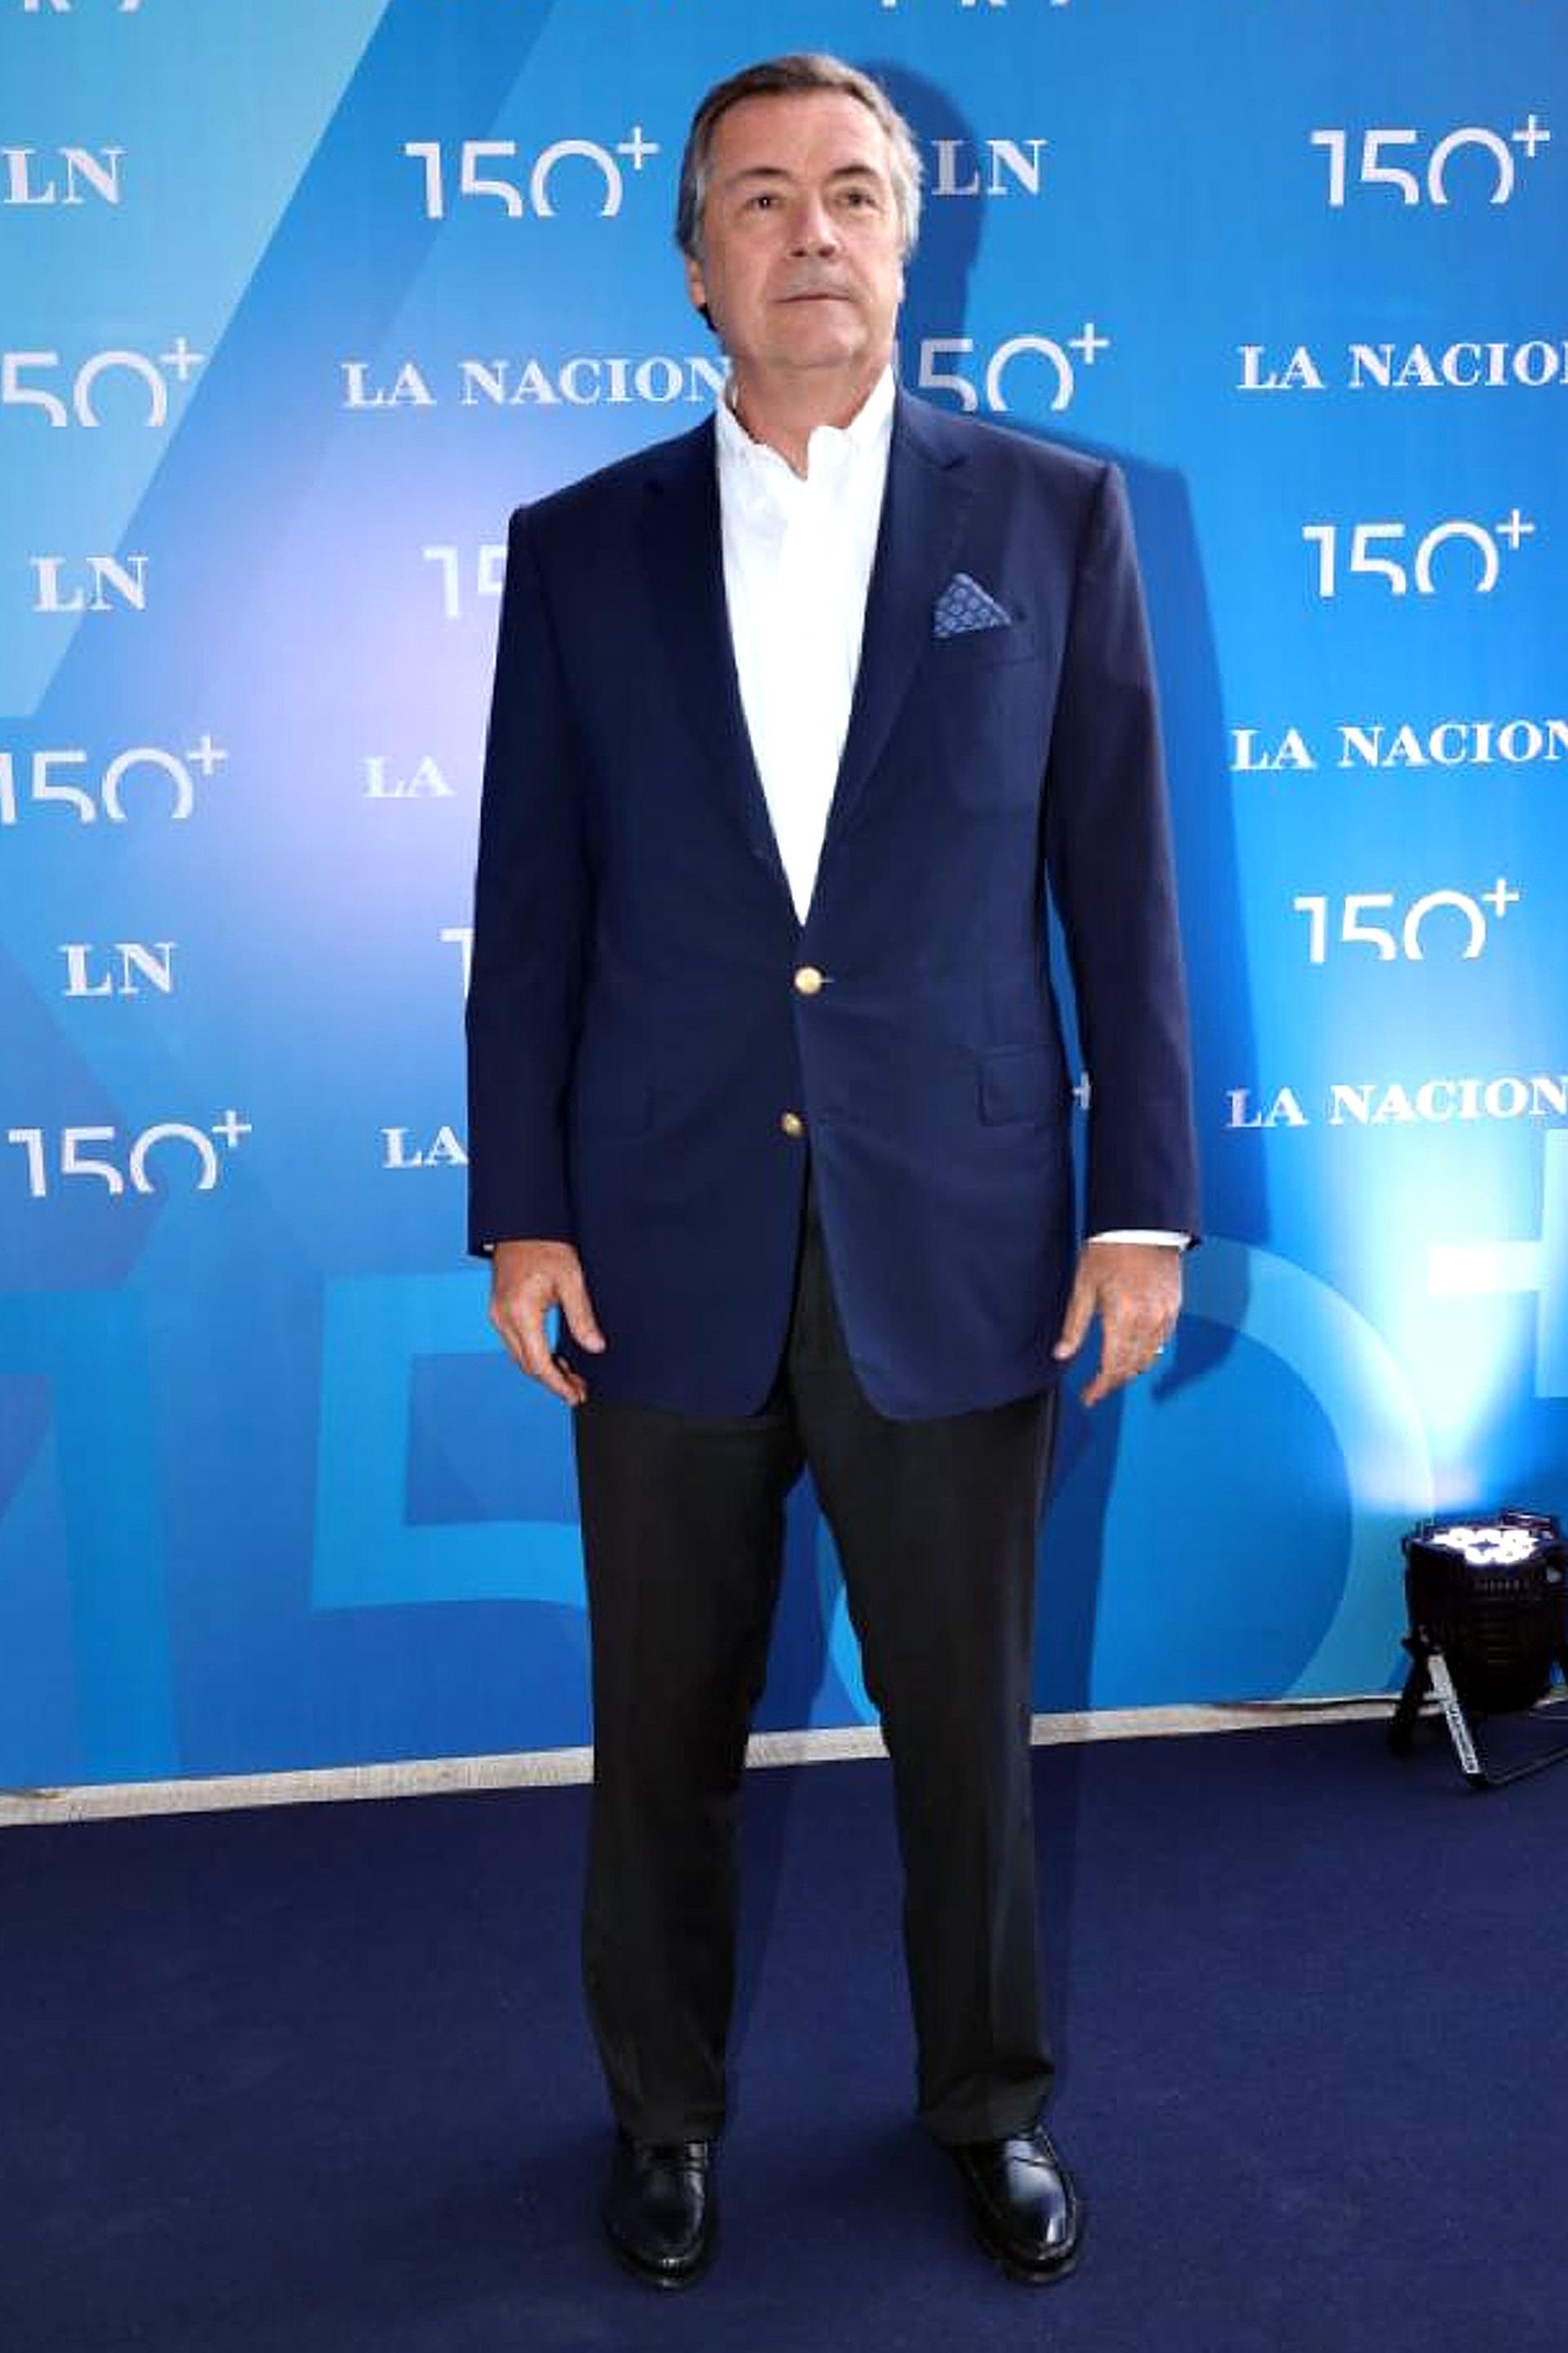 Enrique Cristofani del Banco Santander